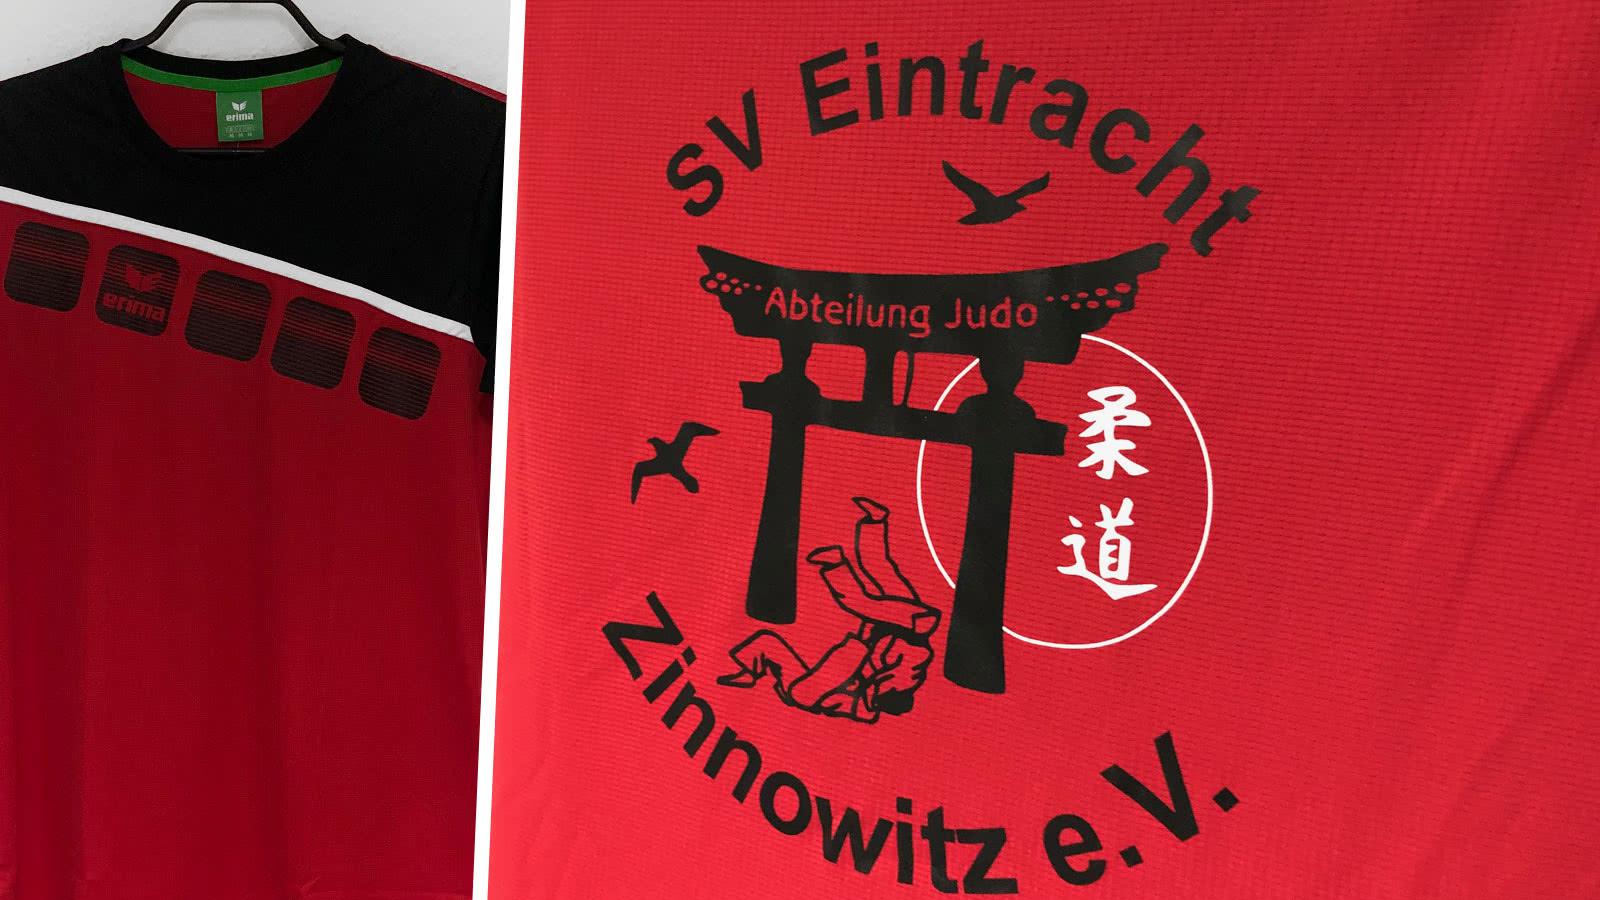 Die Judo T-Shirts des SV Eintracht Zinnowitz